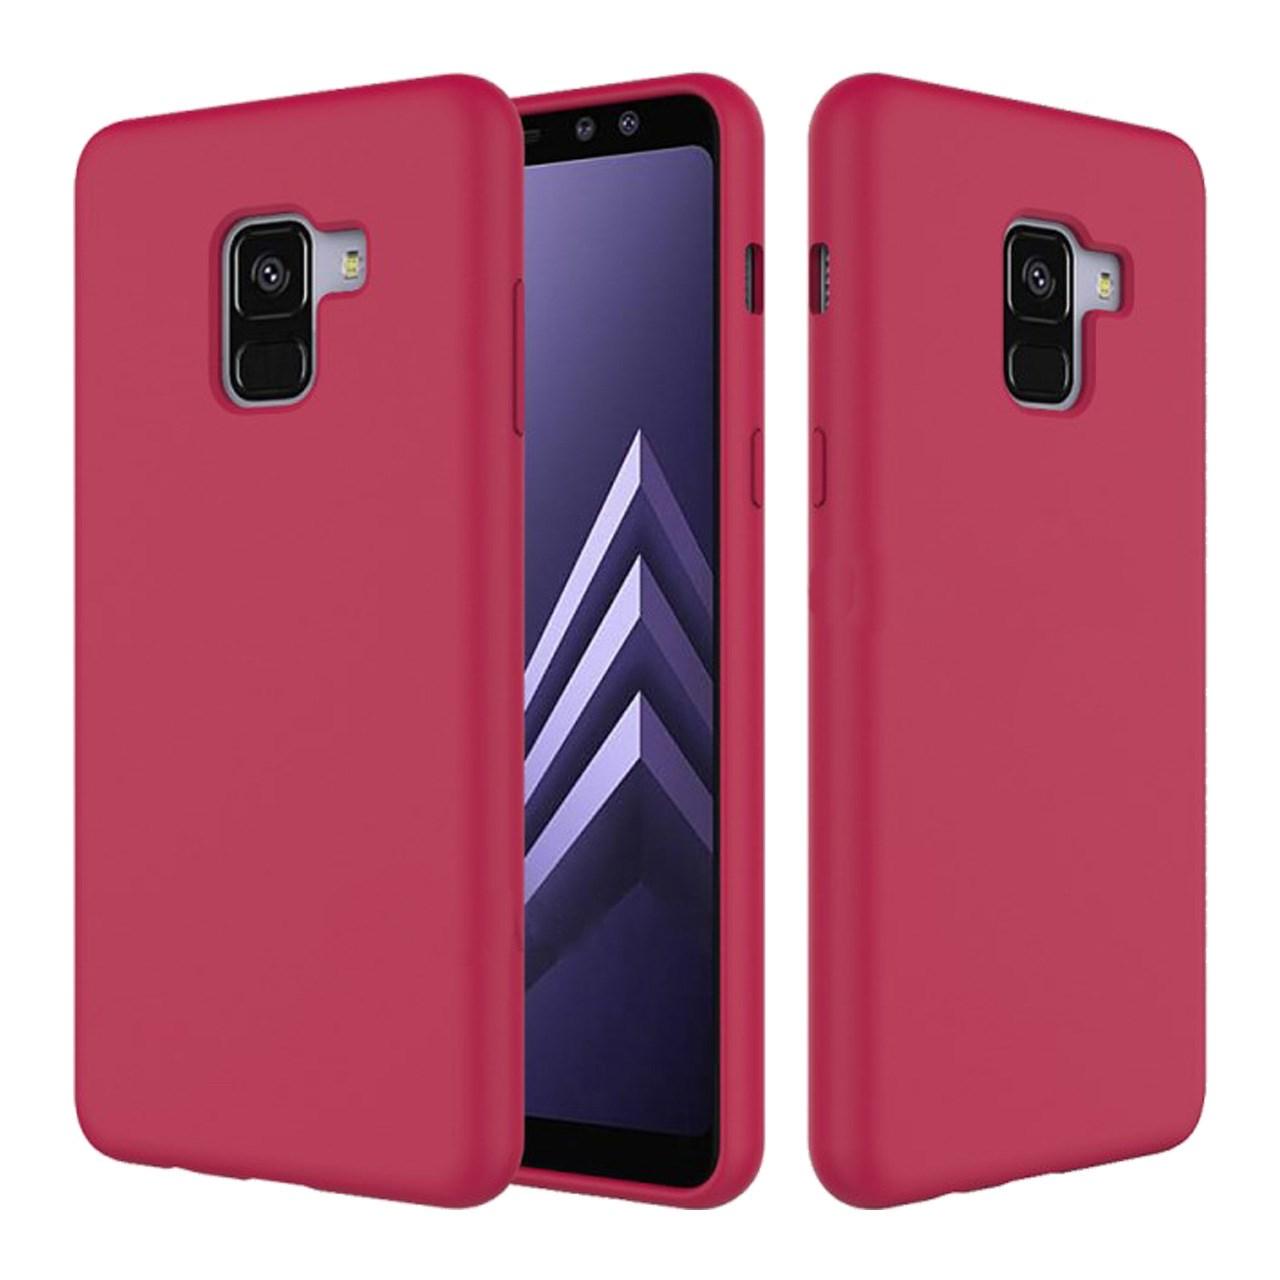 کاور مدل Silicone مناسب برای گوشی موبایل سامسونگ A8 Plus 2018